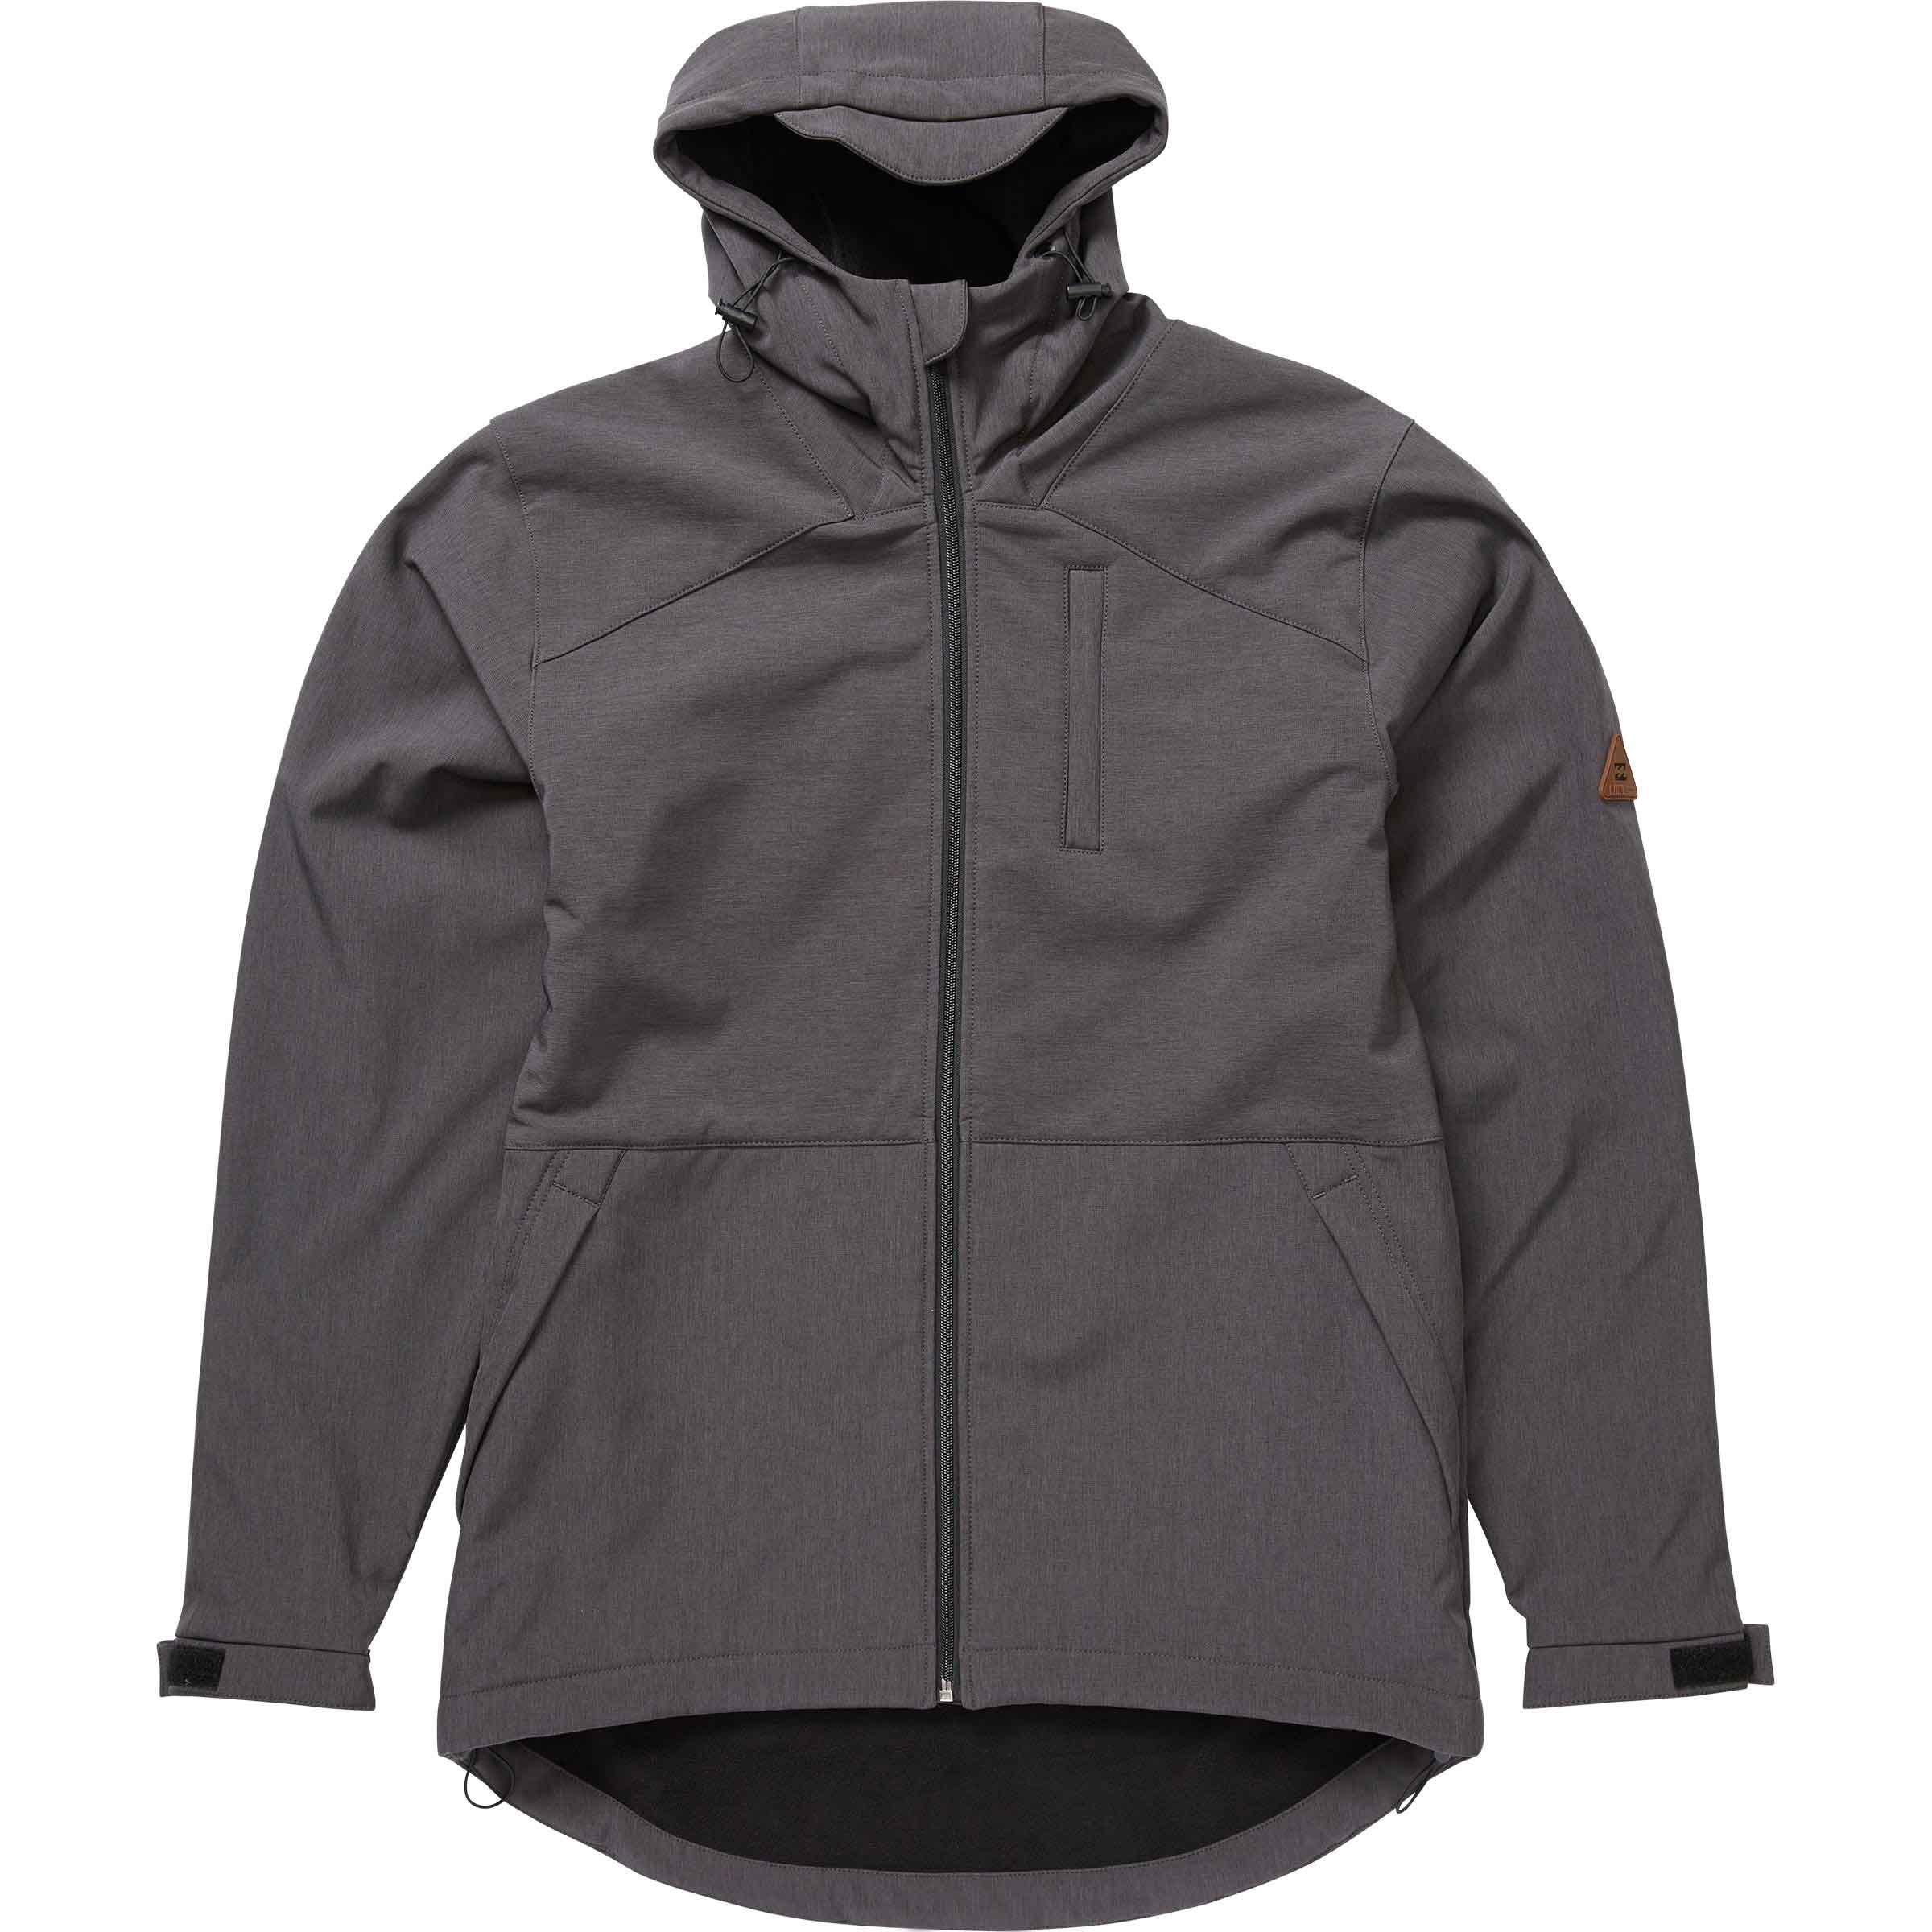 Billabong Men's Avalon Jacket, Asphalt, Large